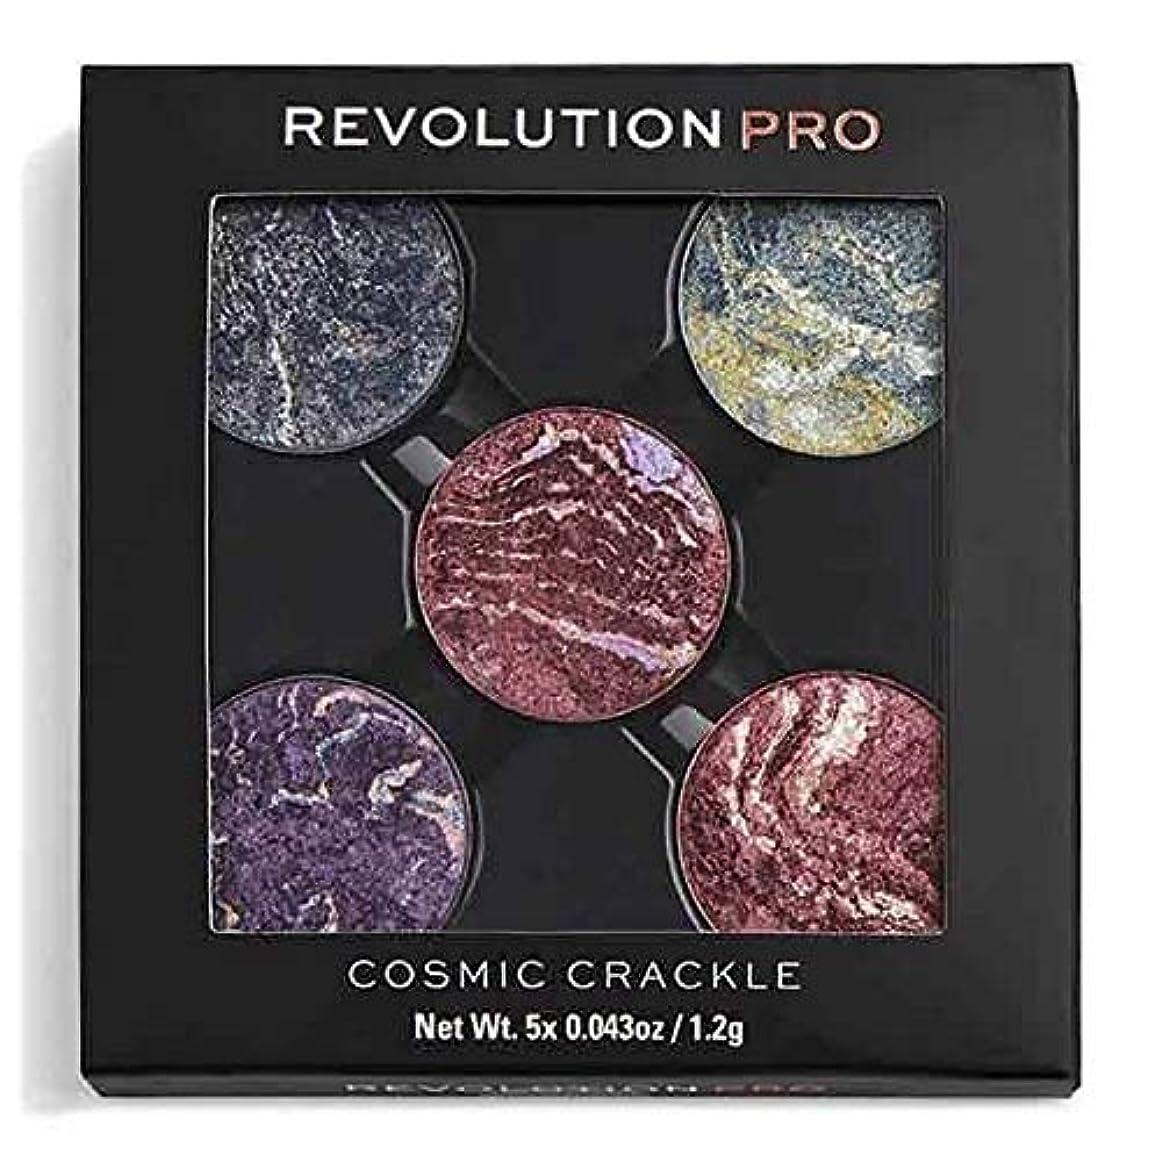 助言首相バラバラにする[Revolution ] 革命プロリフィルアイシャドウは、宇宙クラックルをパック - Revolution Pro Refill Eyeshadow Pack Cosmic Crackle [並行輸入品]